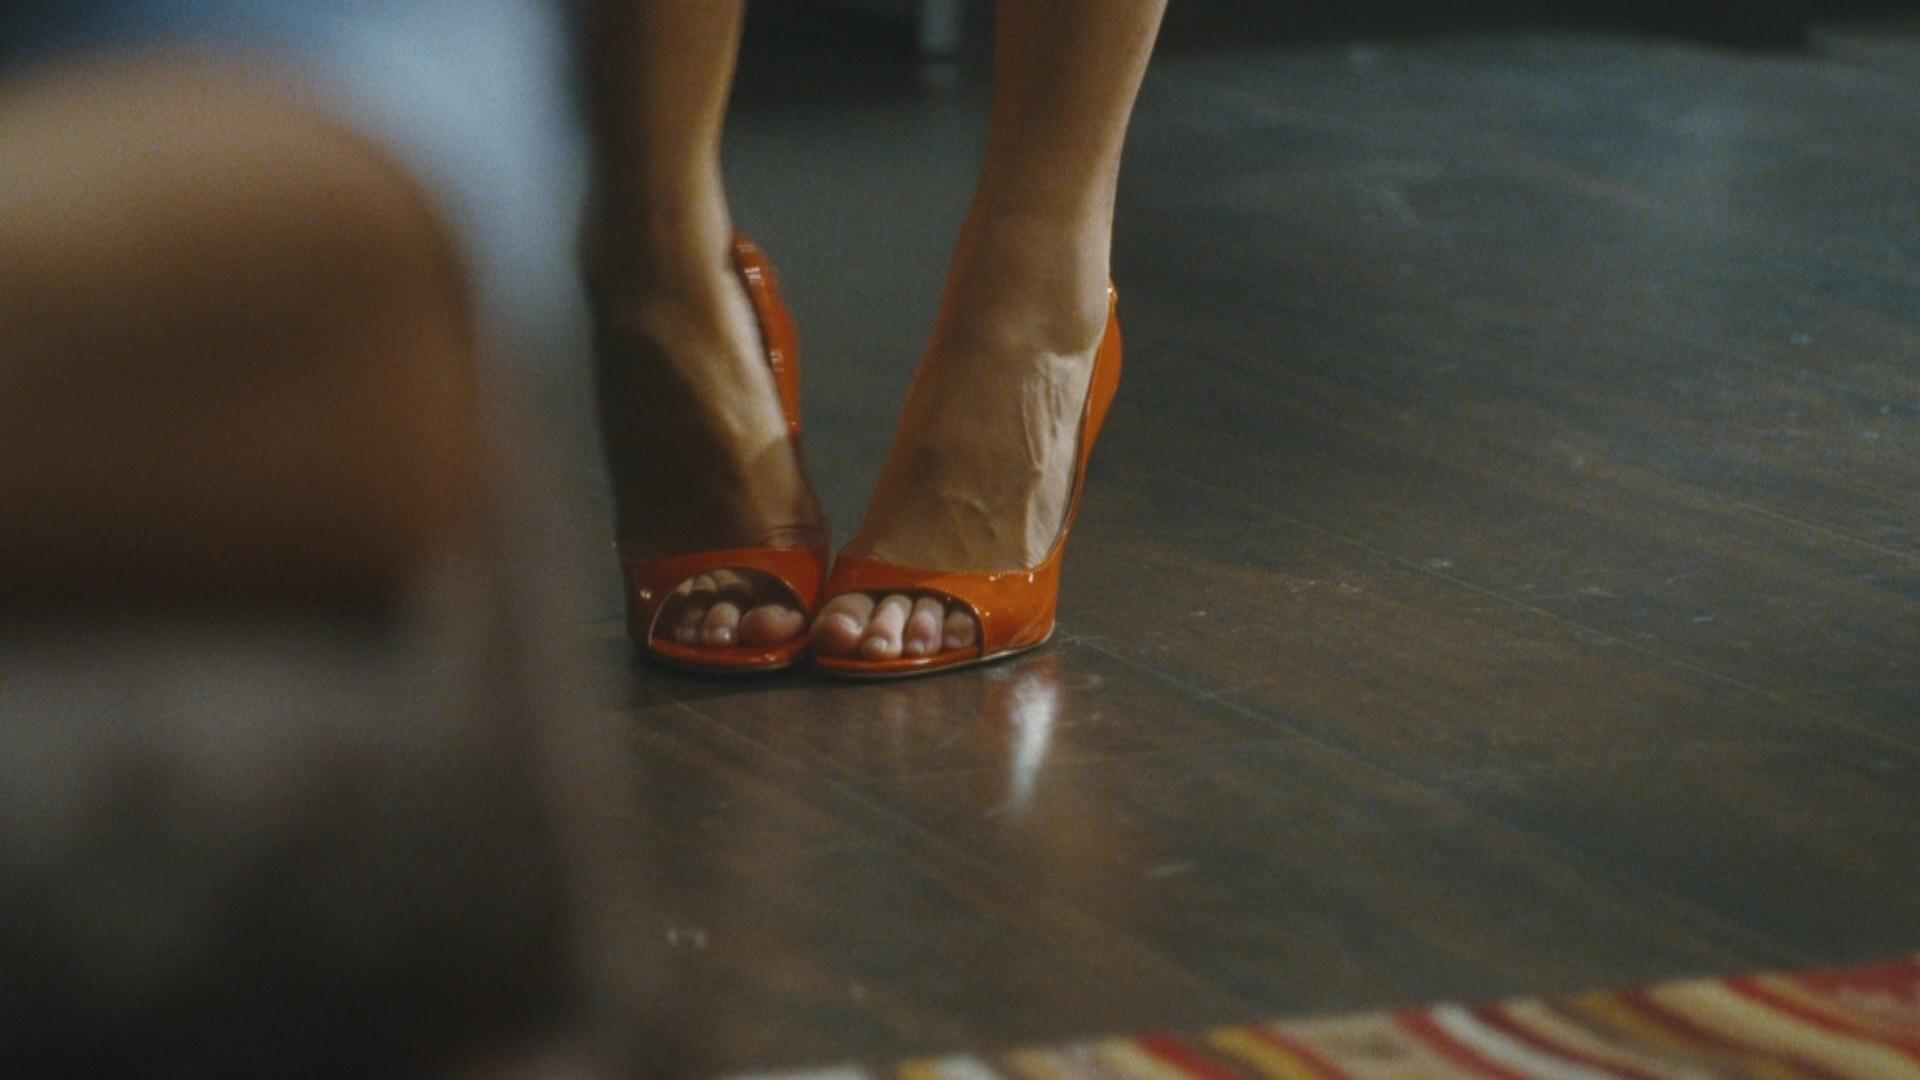 Divani In Saldo Chateau D Ax.Kasia Smutniak S Feet Wikifeet